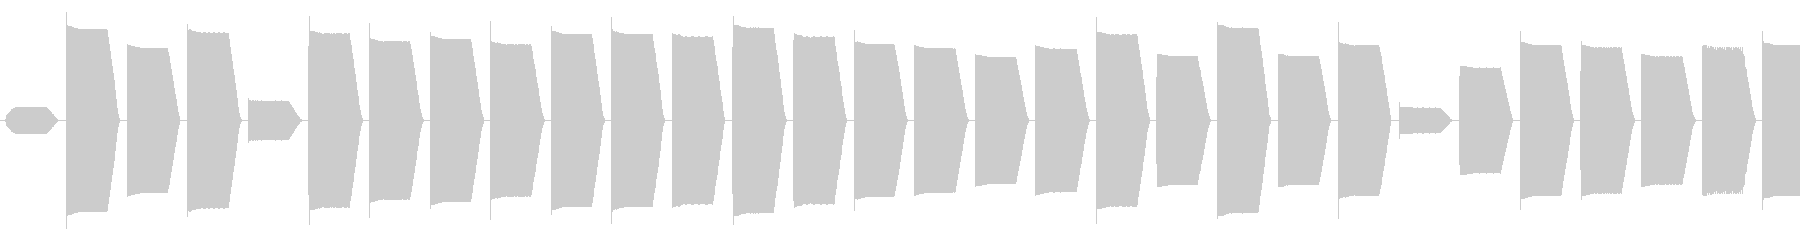 コンピューター 計算、解析音(高い音)の未再生の波形